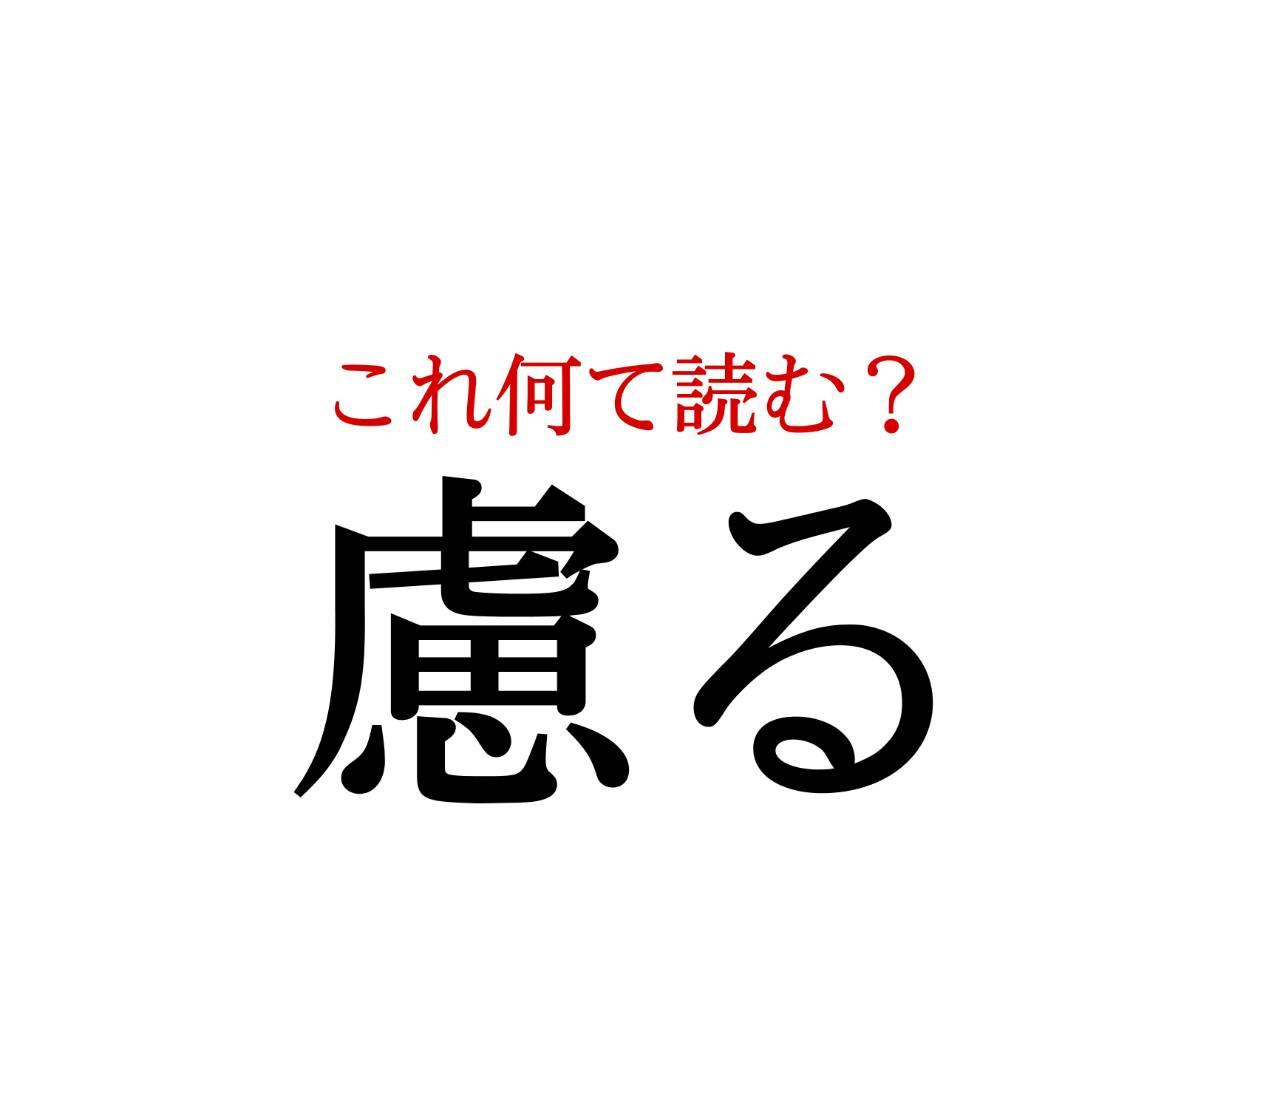 「慮る」:この漢字、自信を持って読めますか?【働く大人の漢字クイズvol.225】